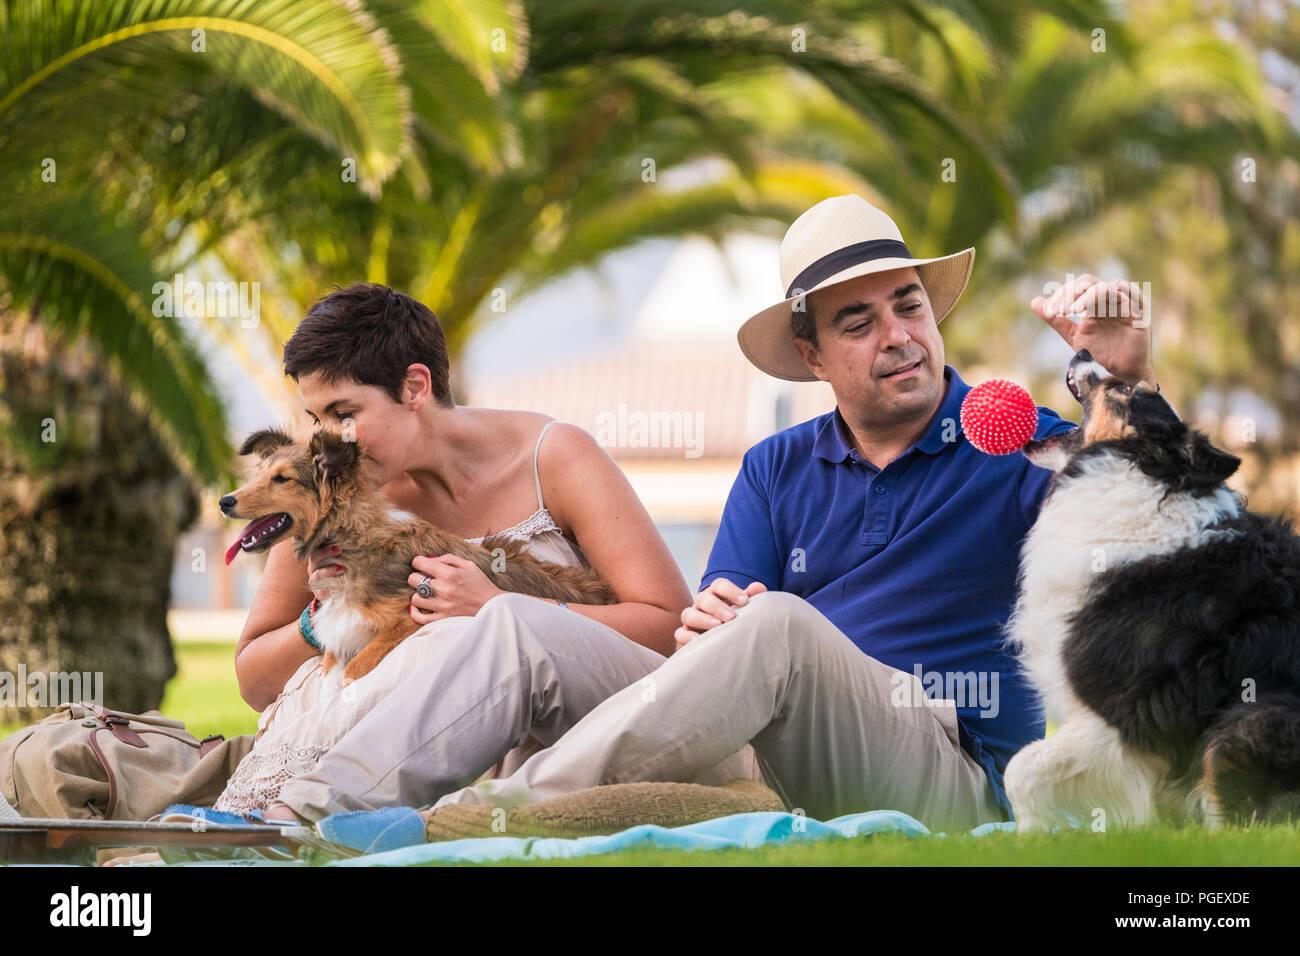 Bella la mezza età caucasian giovane seduto sul prato con palme in background mentre si gioca con due divertenti e belli cani e una palla rossa. Godetevi una Immagini Stock